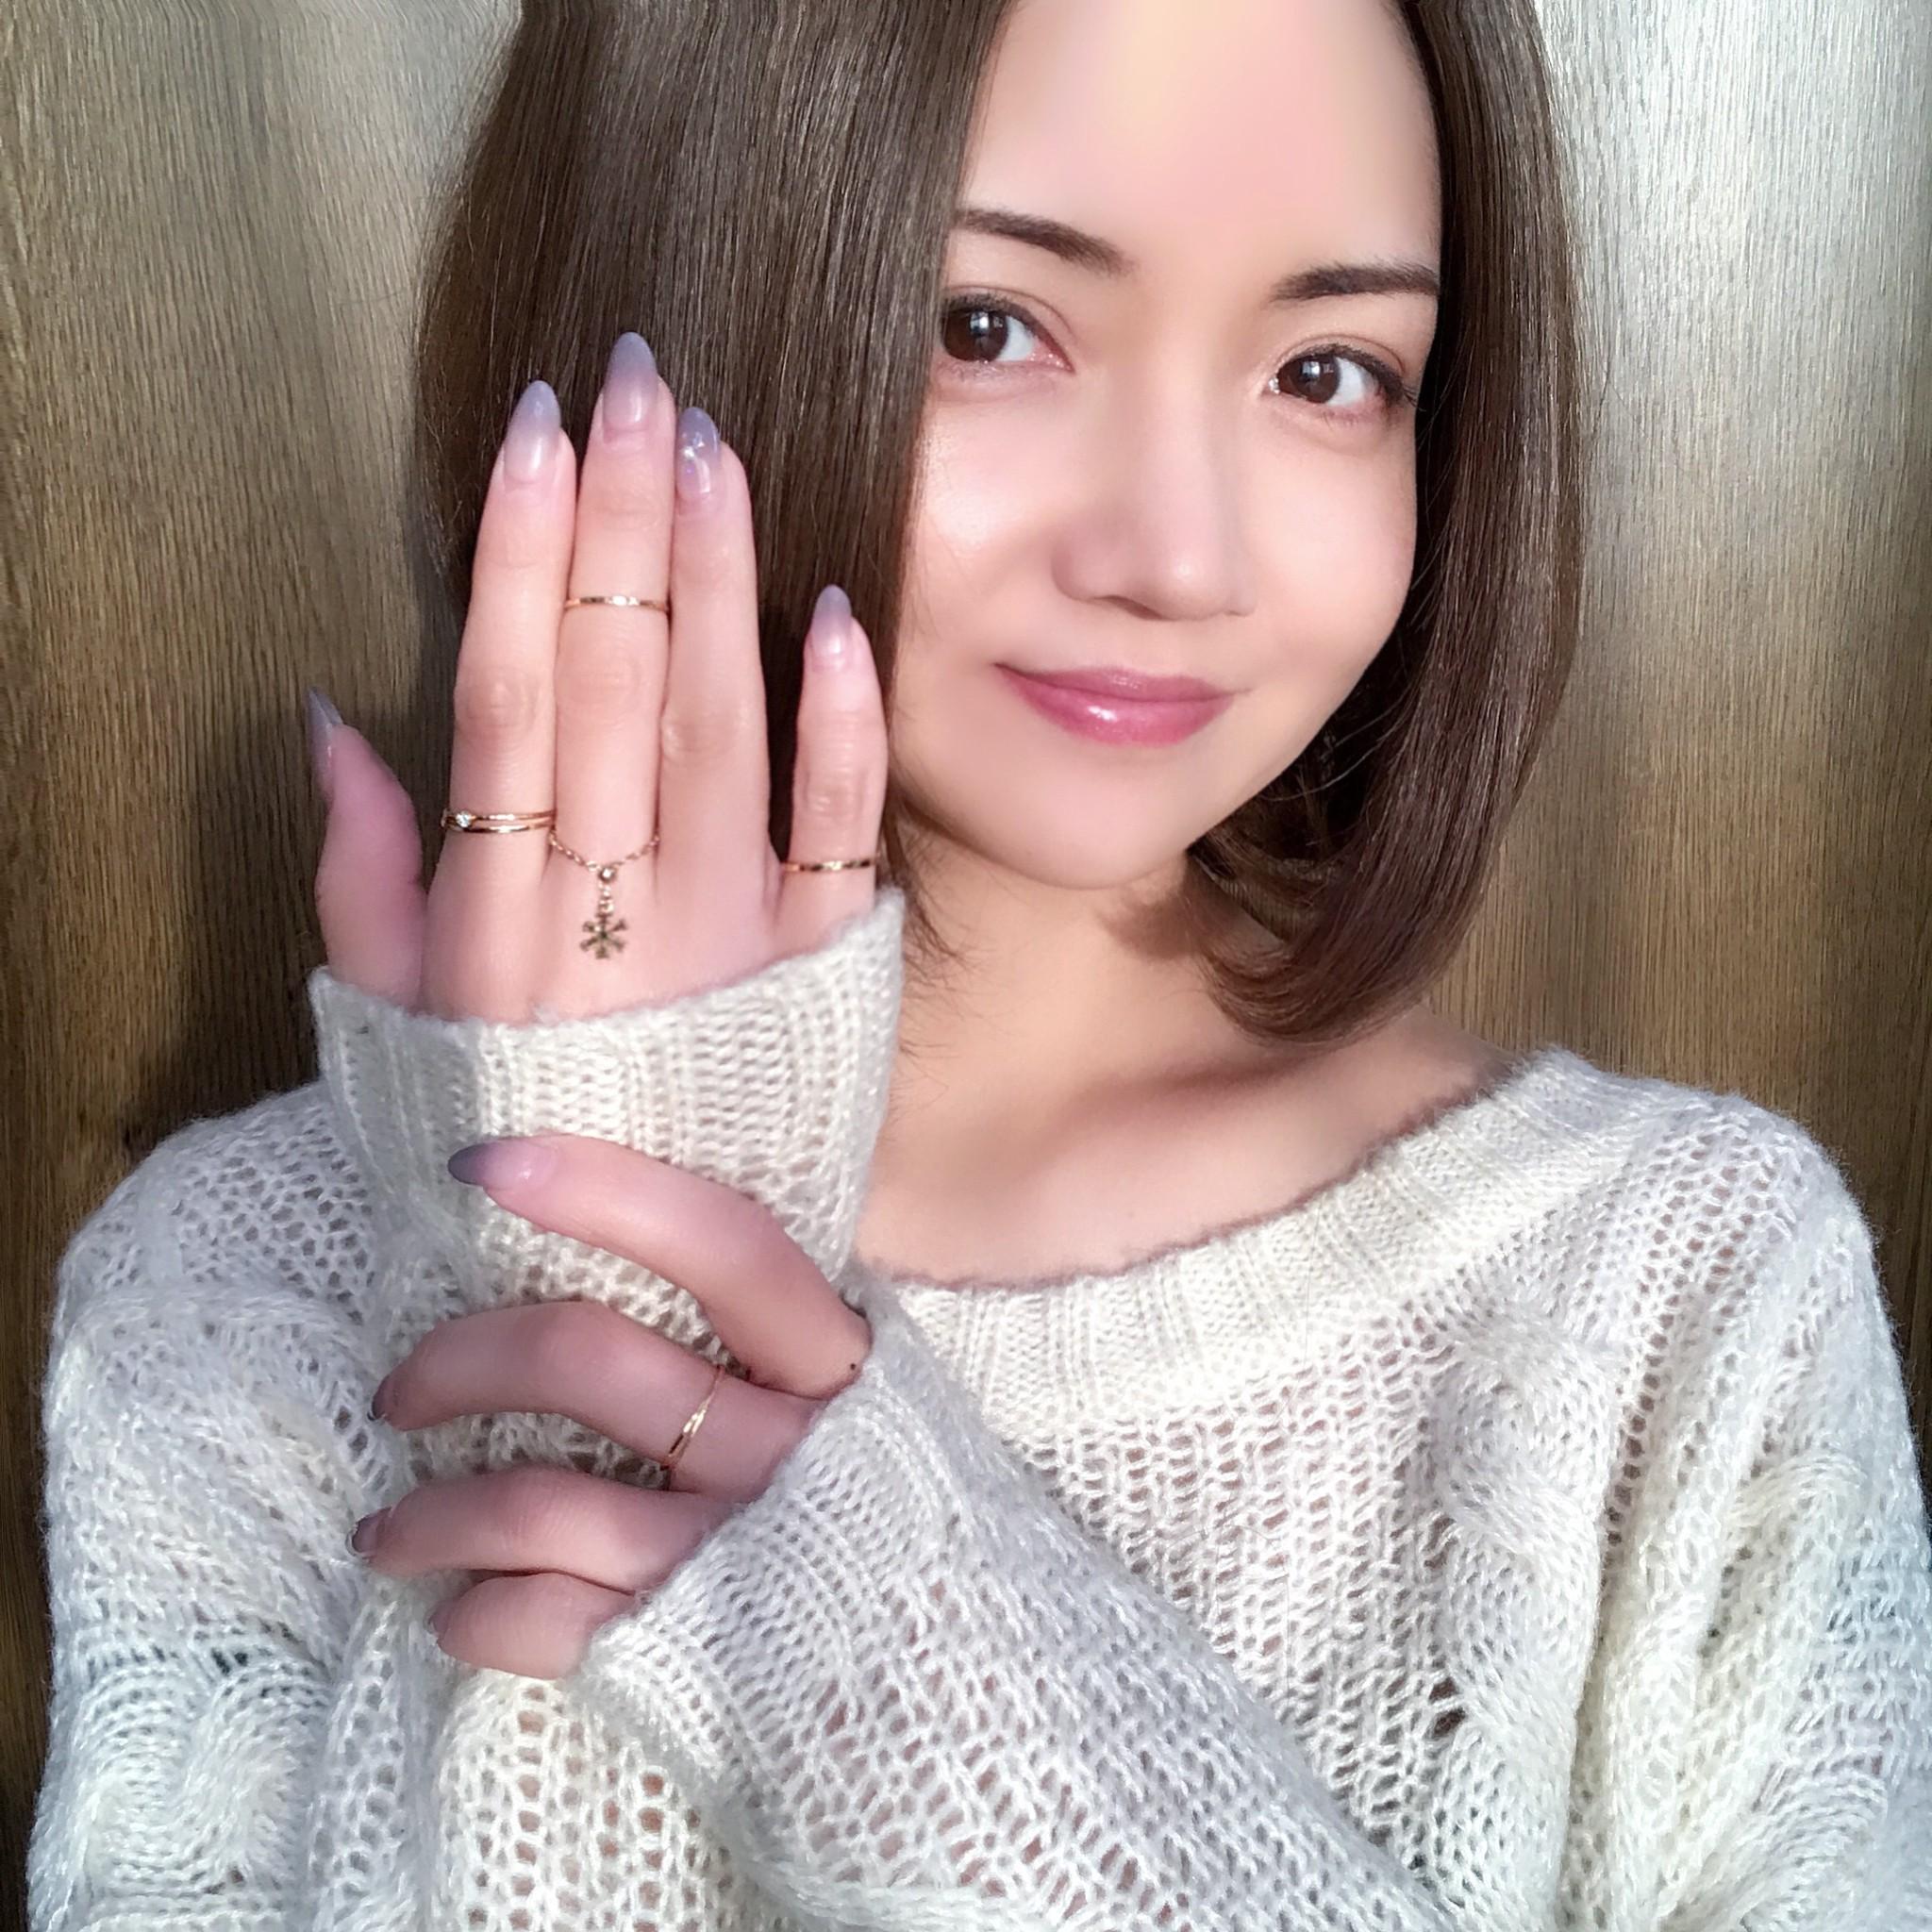 その日の気分で着けたい指に💍👌🏻長さを変更できるチェーンリングはサイズがわからない方への🎁にも😊